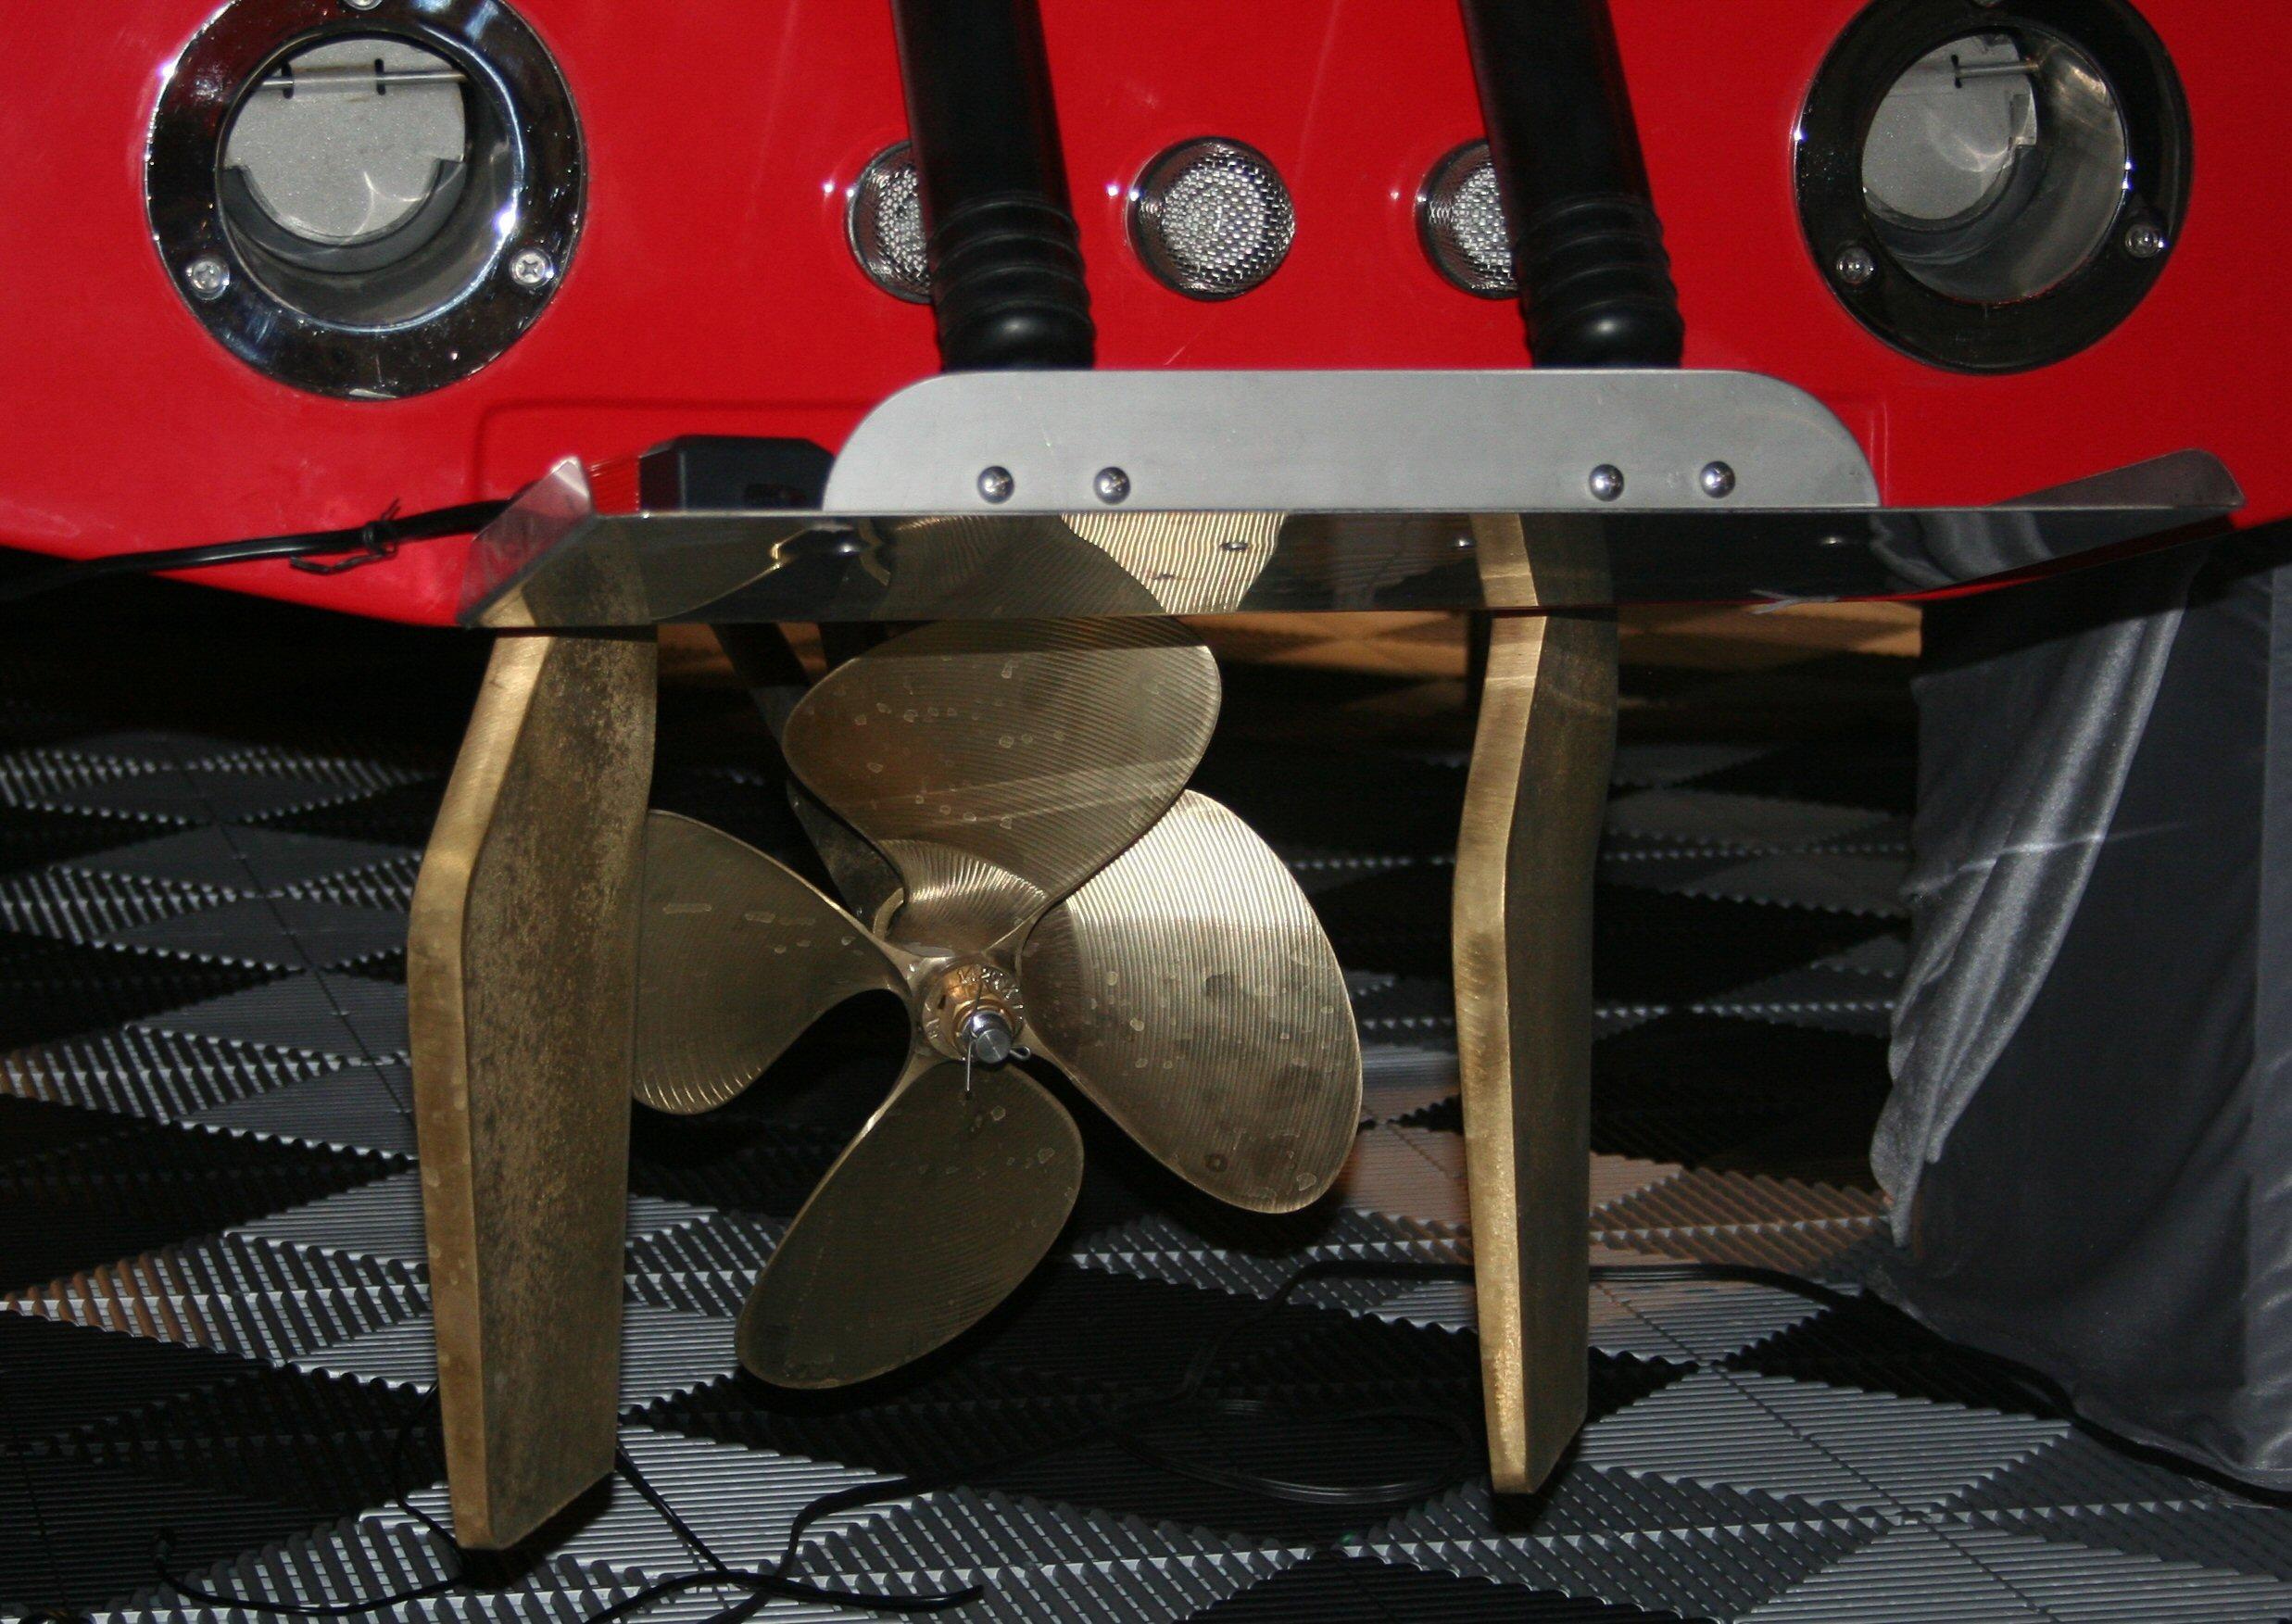 Duel rudder Vector system